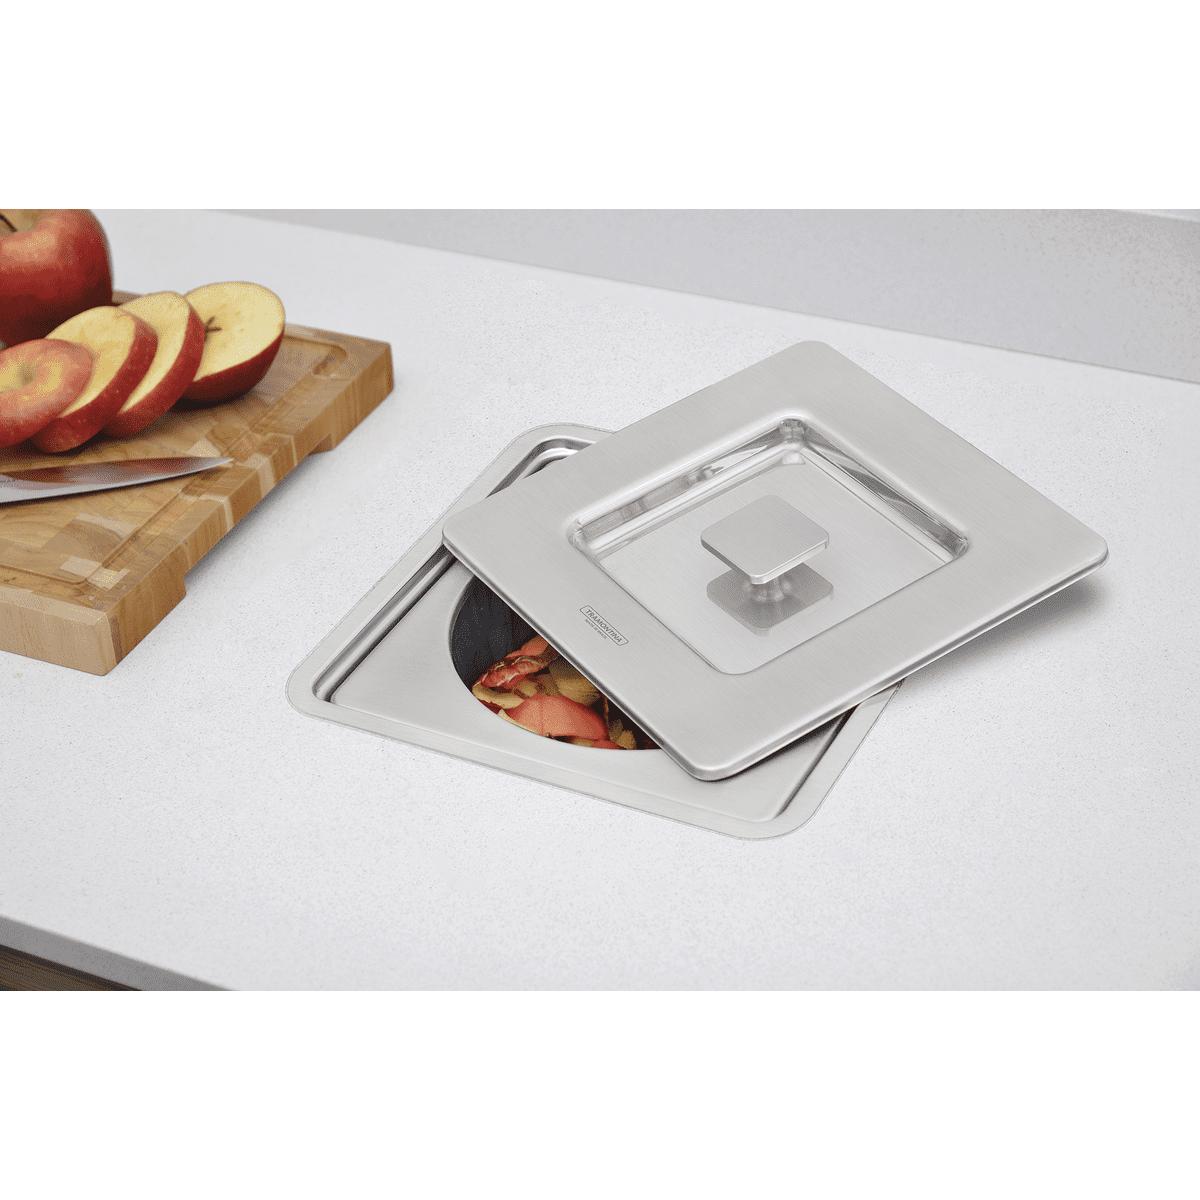 Lixeira de Embutir Tramontina Clean Square em Aço Inox com Balde Plástico 94518/205 5L  - Casa Mattos